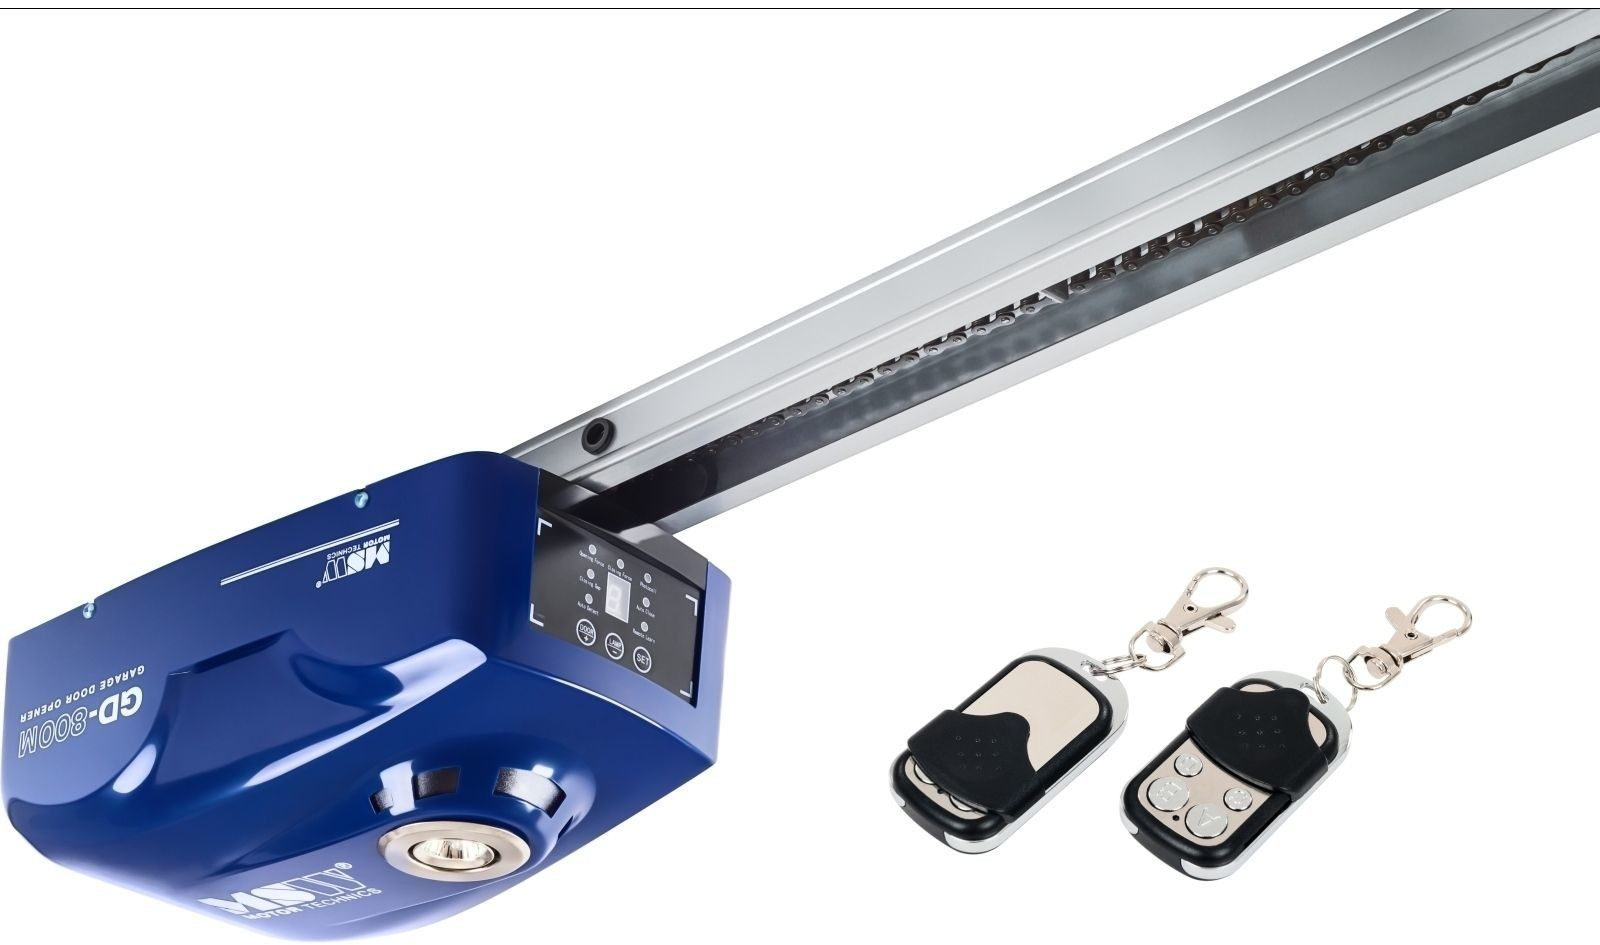 Napęd do bramy garażowej - 800 N - łańcuch - MSW - GD-800M - 3 lata gwarancji/wysyłka w 24h